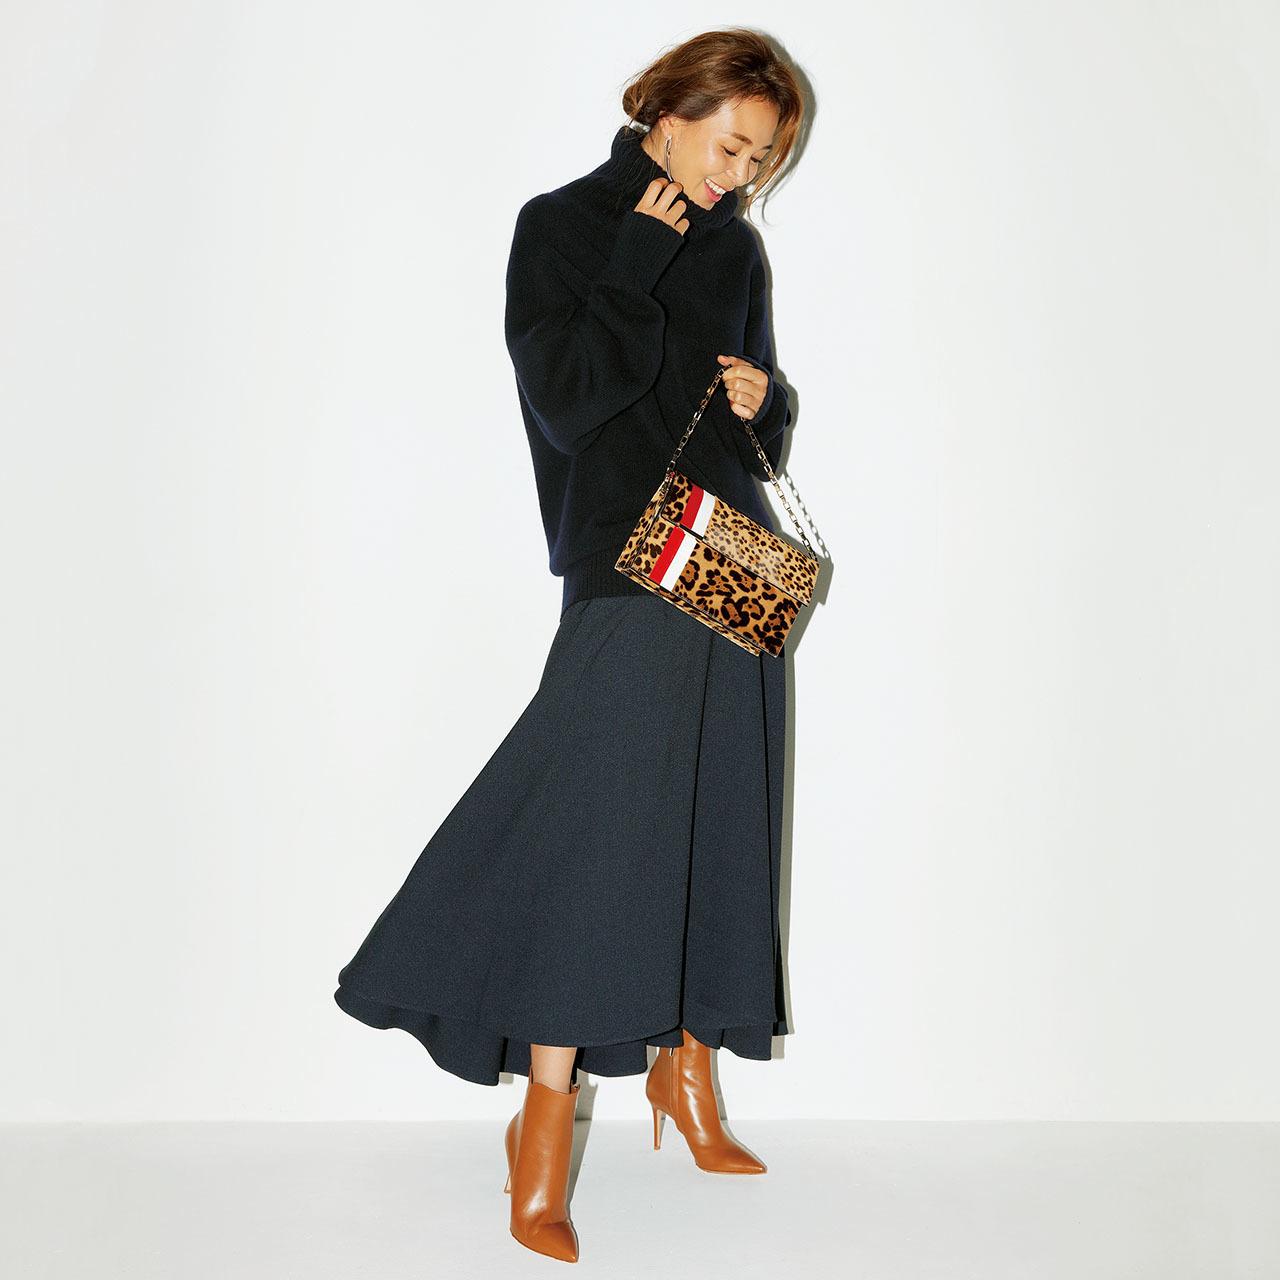 ニット×ロングスカート×ブーツコーデを着たSHIHOさん